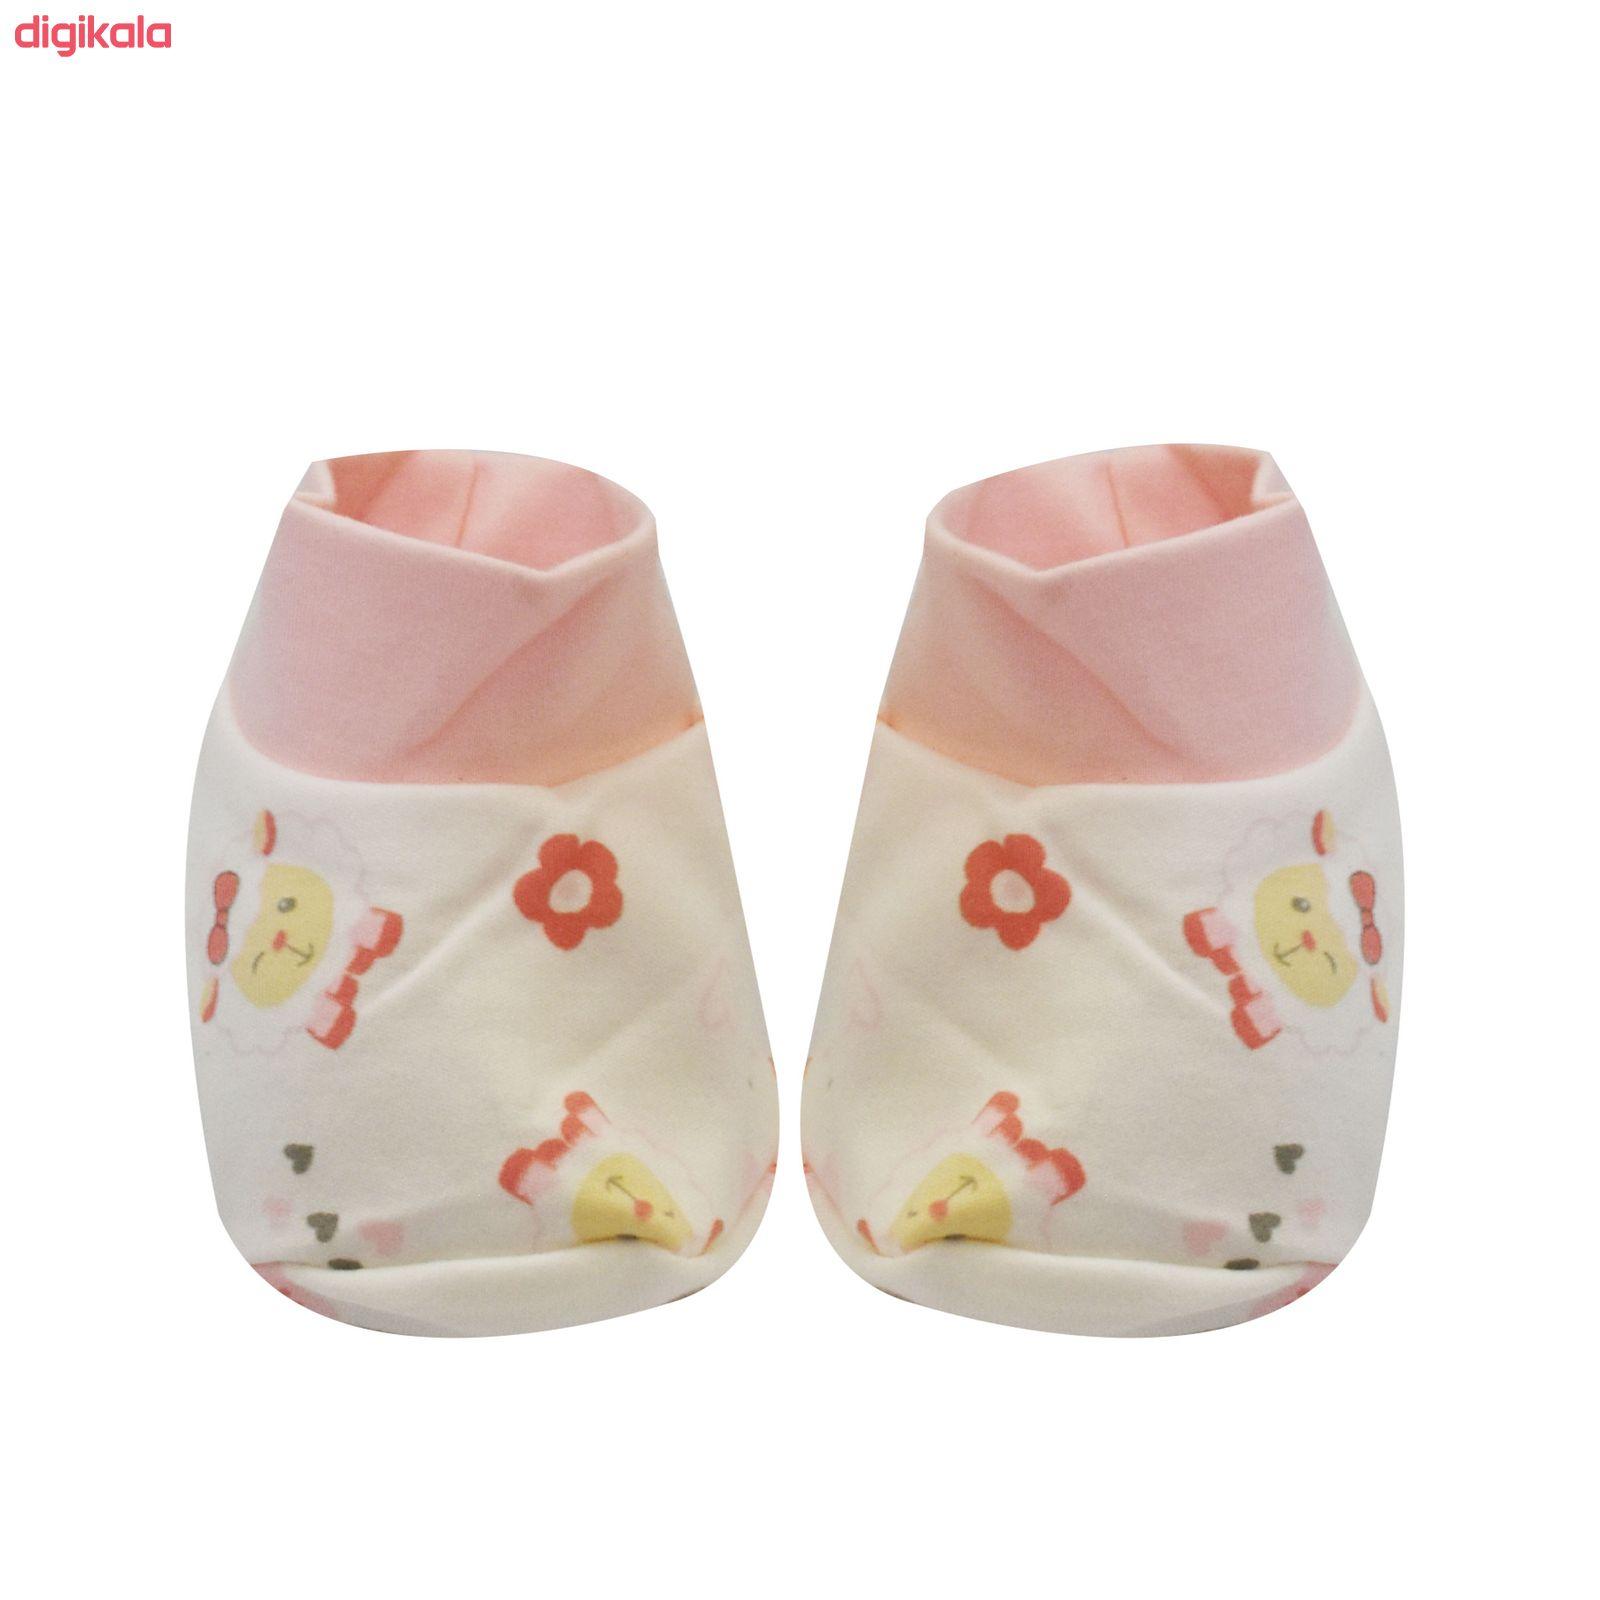 خرید اینترنتی با تخفیف ویژه ست 7 تکه لباس نوزادی مادرکر طرح بره ناقلا کد M454.7